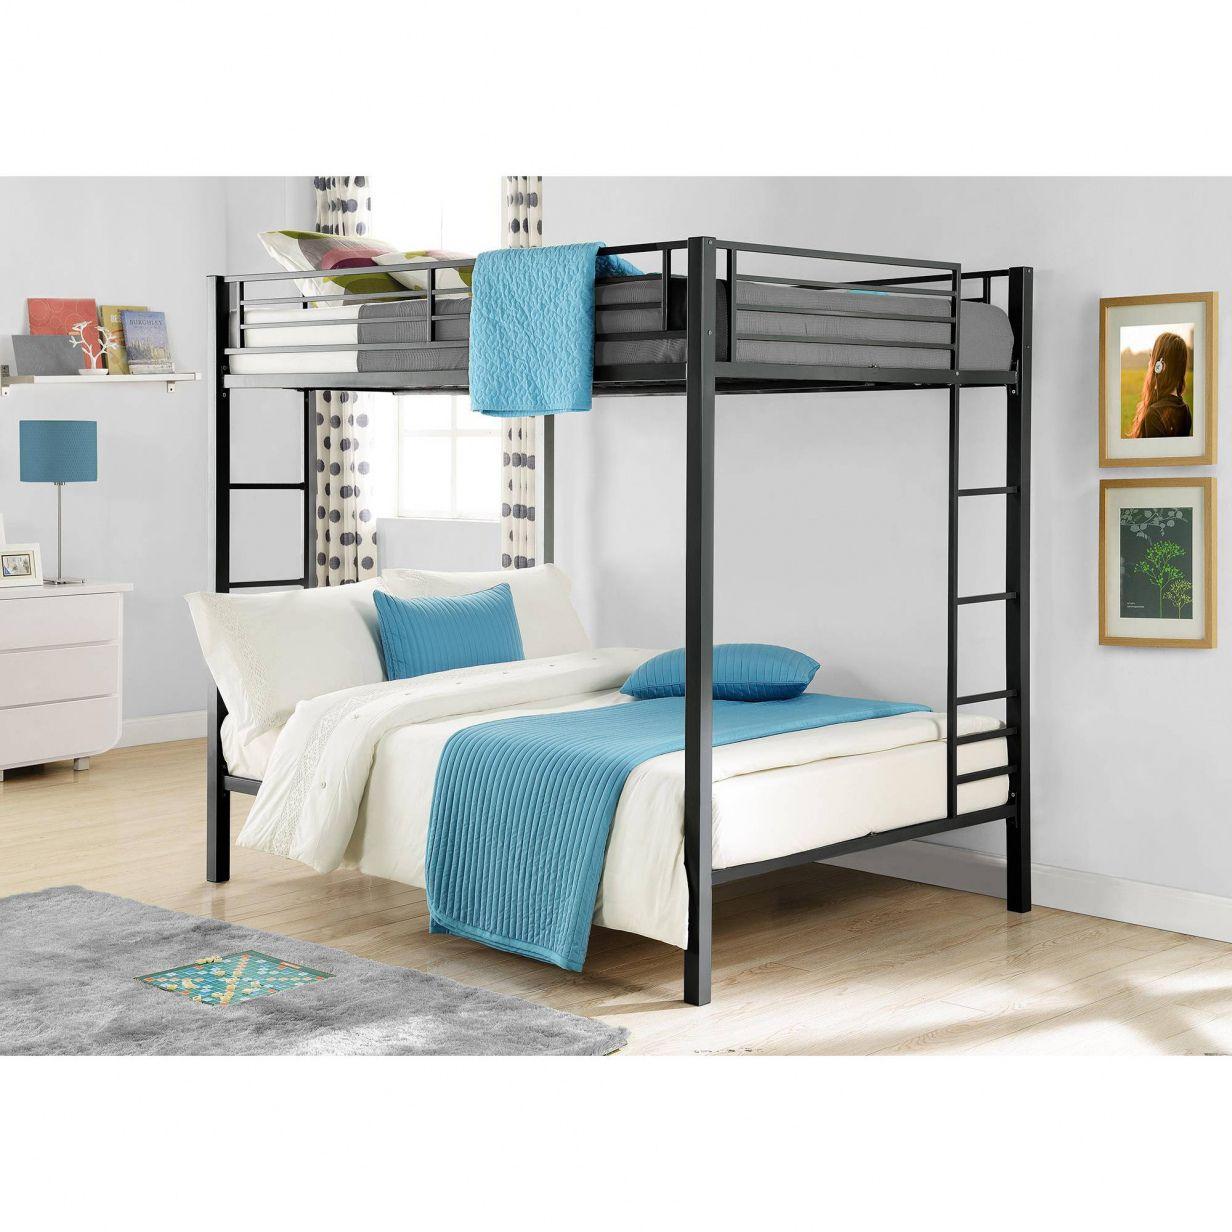 New Double Full Bunk Beds Check More At Http Dust War Com Double Full Bunk Beds Ranjang Tingkat Tempat Tidur Loteng Dekor Kamar Tidur